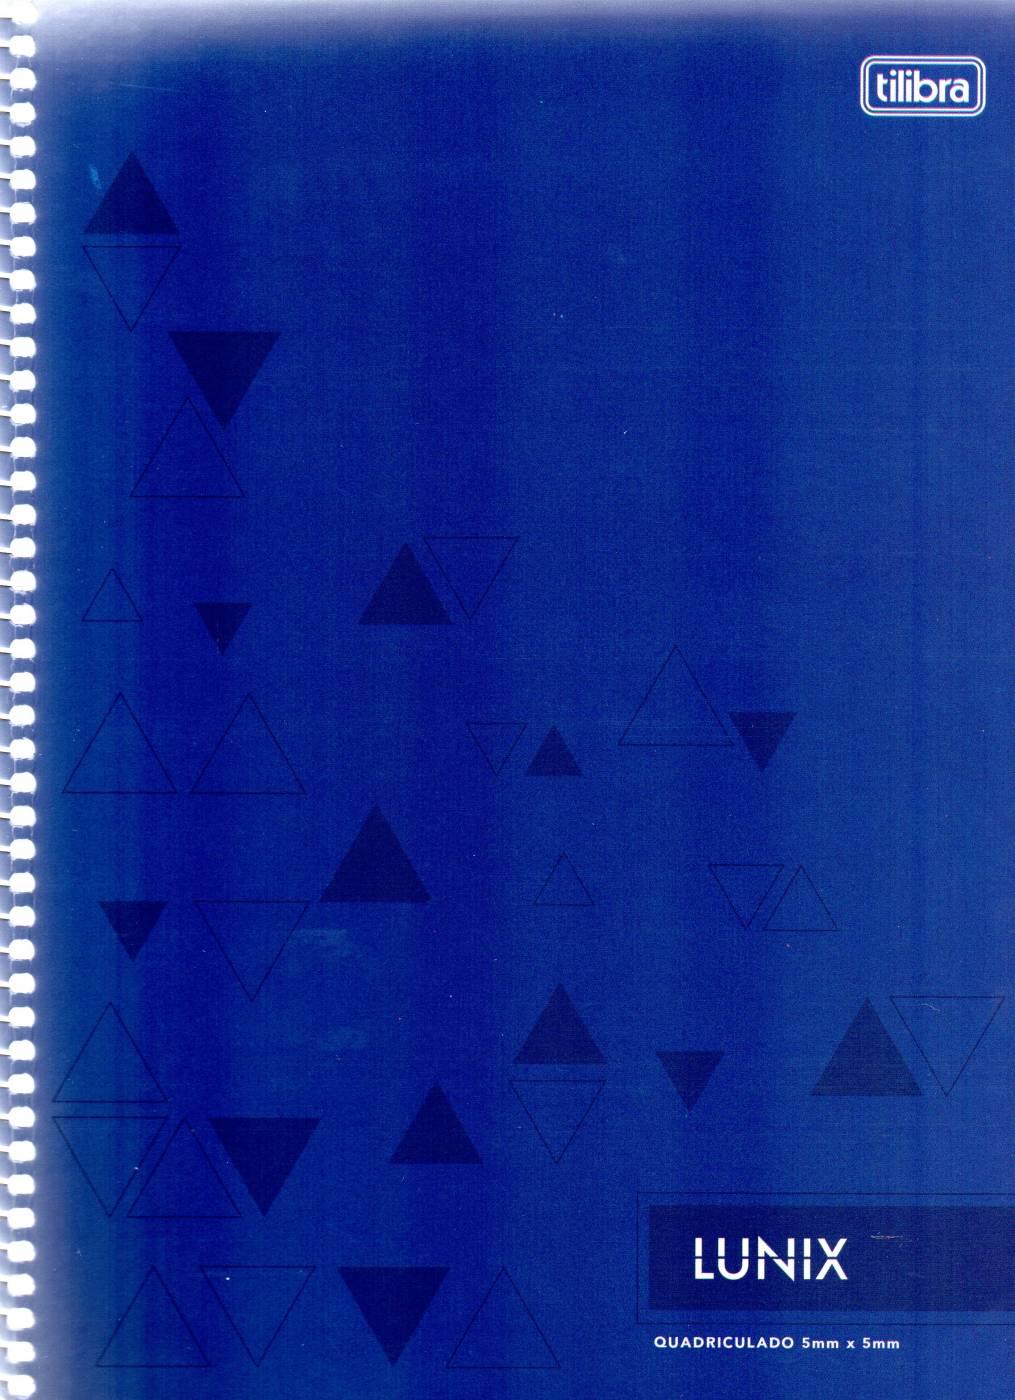 Caderno Lunix Tilibra Quadriculado 5 mm x 5 mm Azul